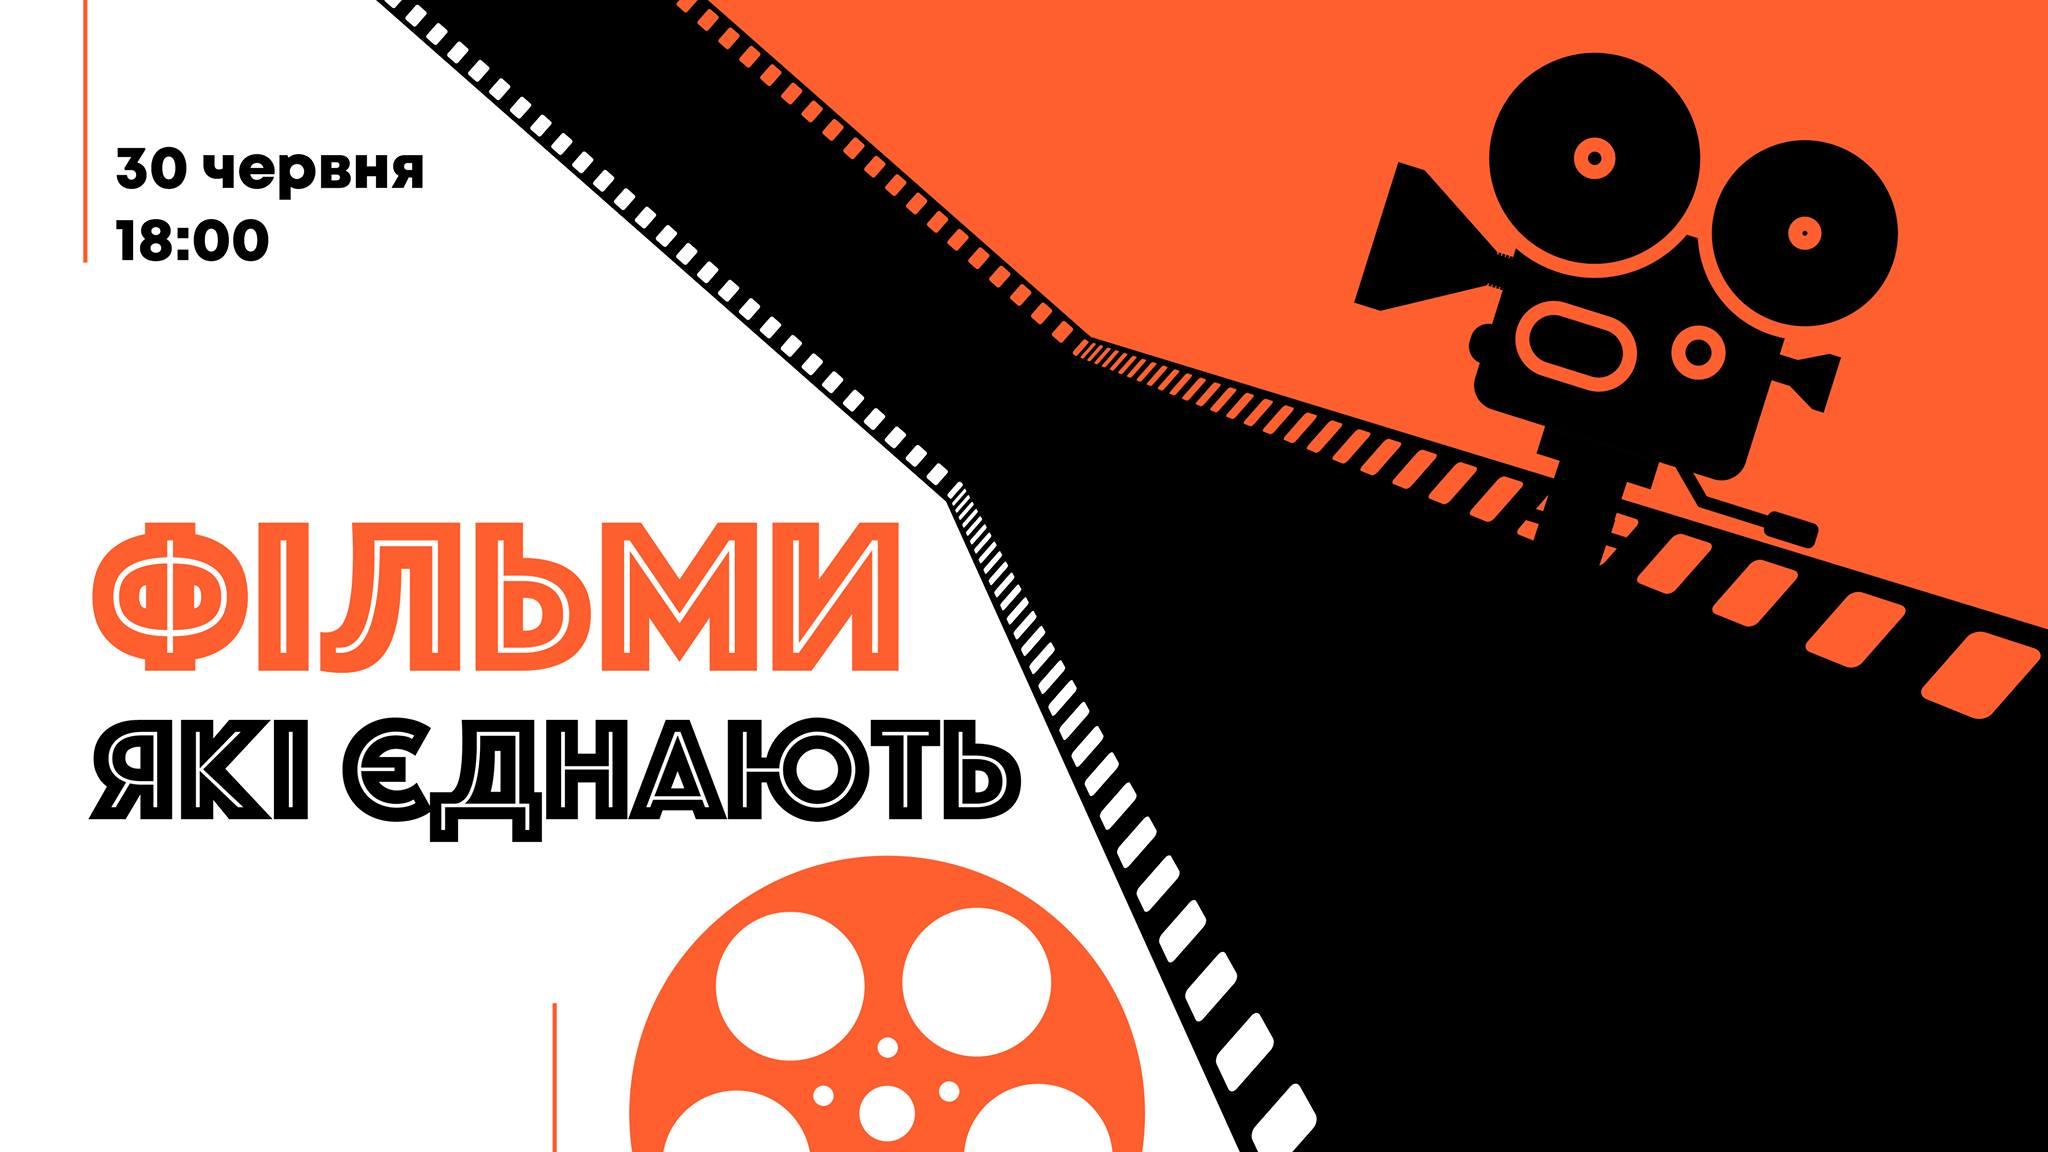 Фільми, які єднають